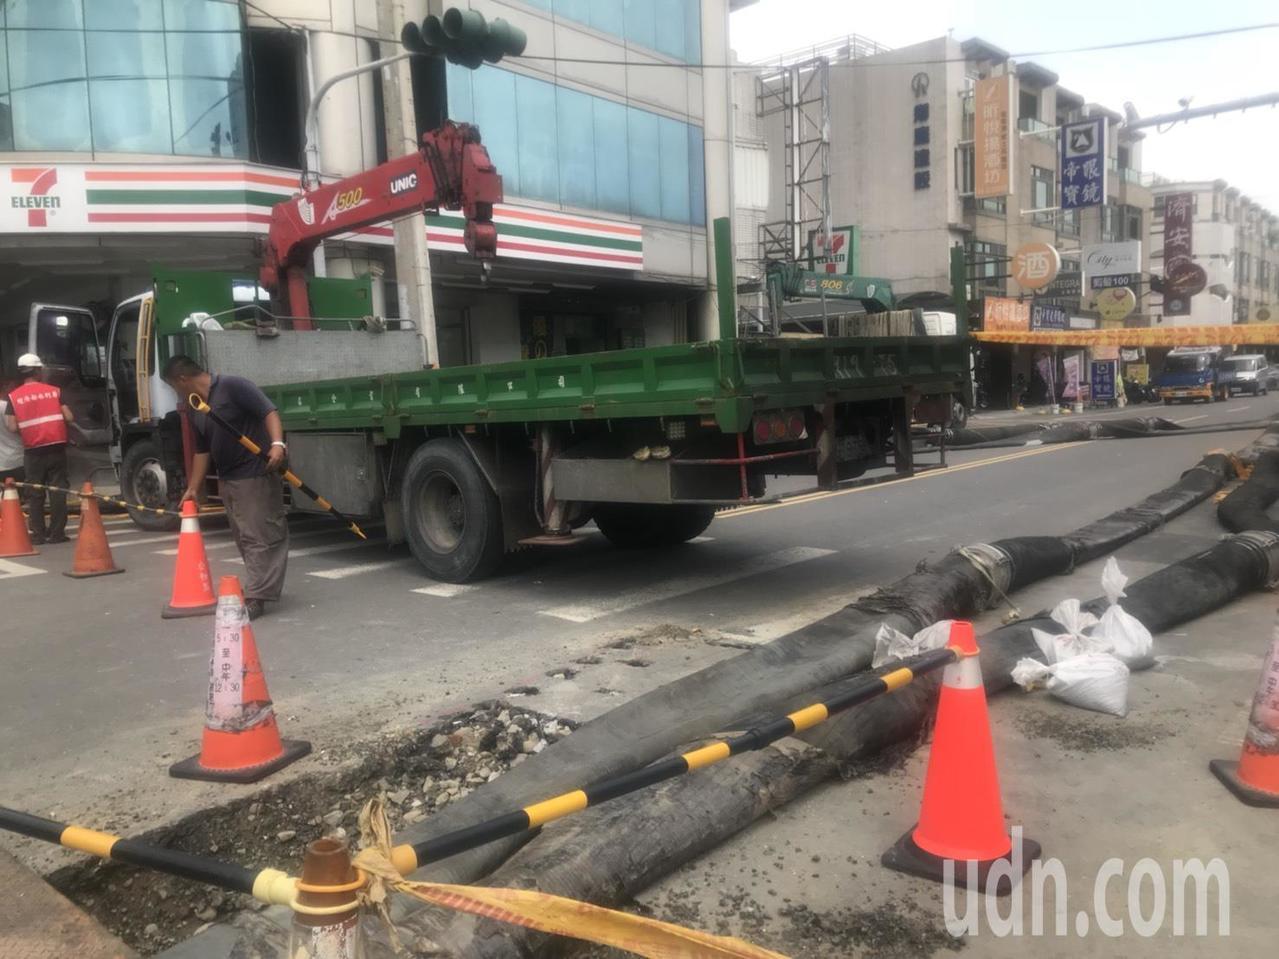 台南市政府表示,目前已調派四部抽水機待命,只要下雨就啟動抽水,未來在此興建直徑二...